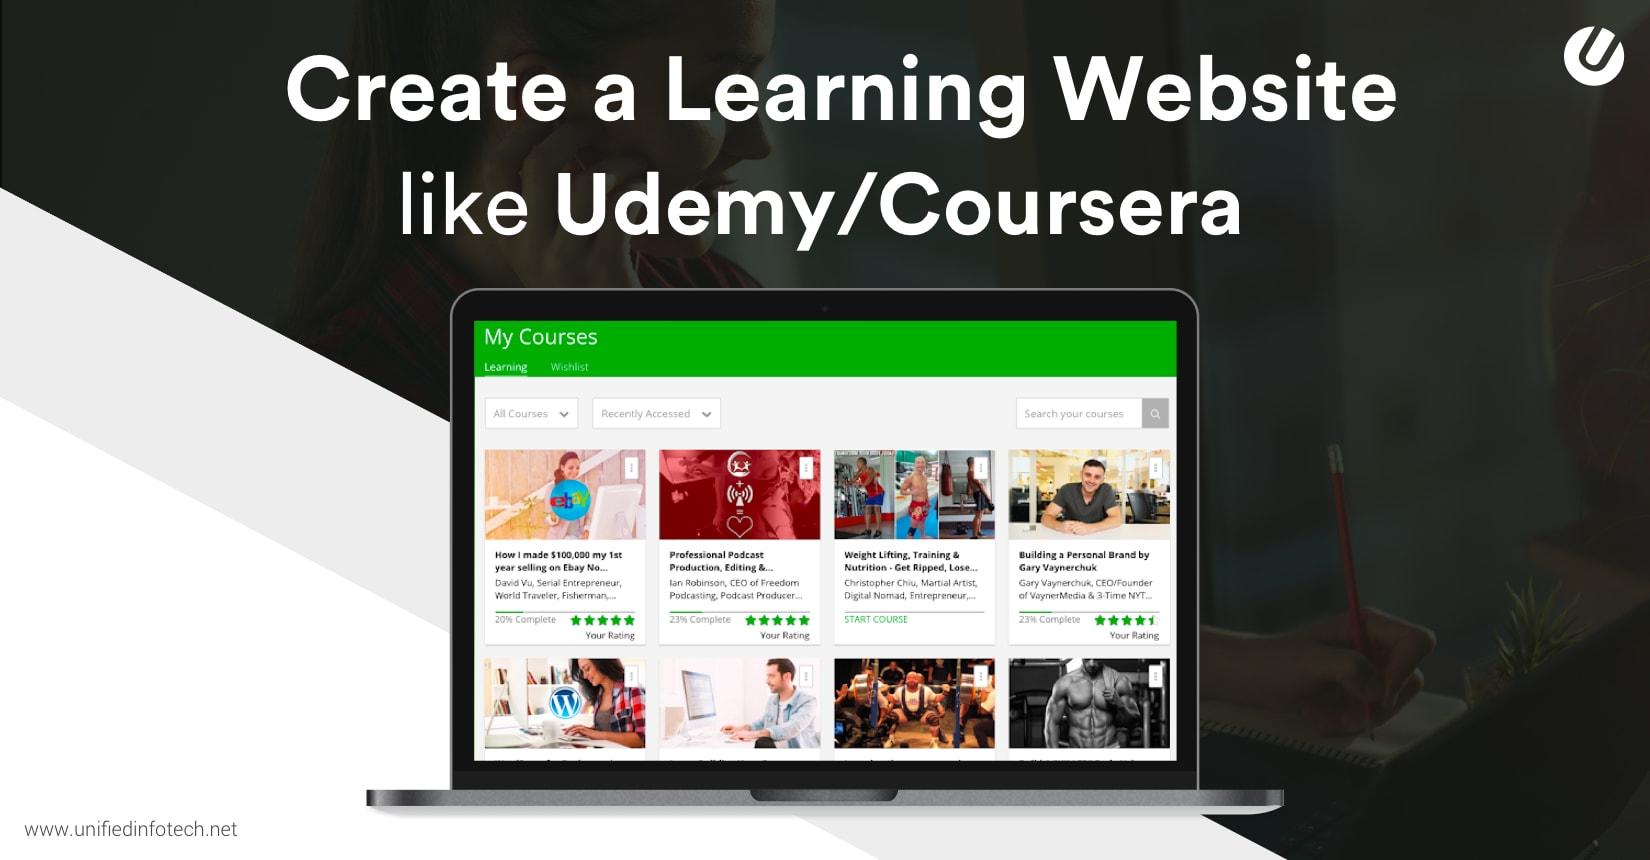 建立Udemy或Coursera等电子学习网站的7种简便方法